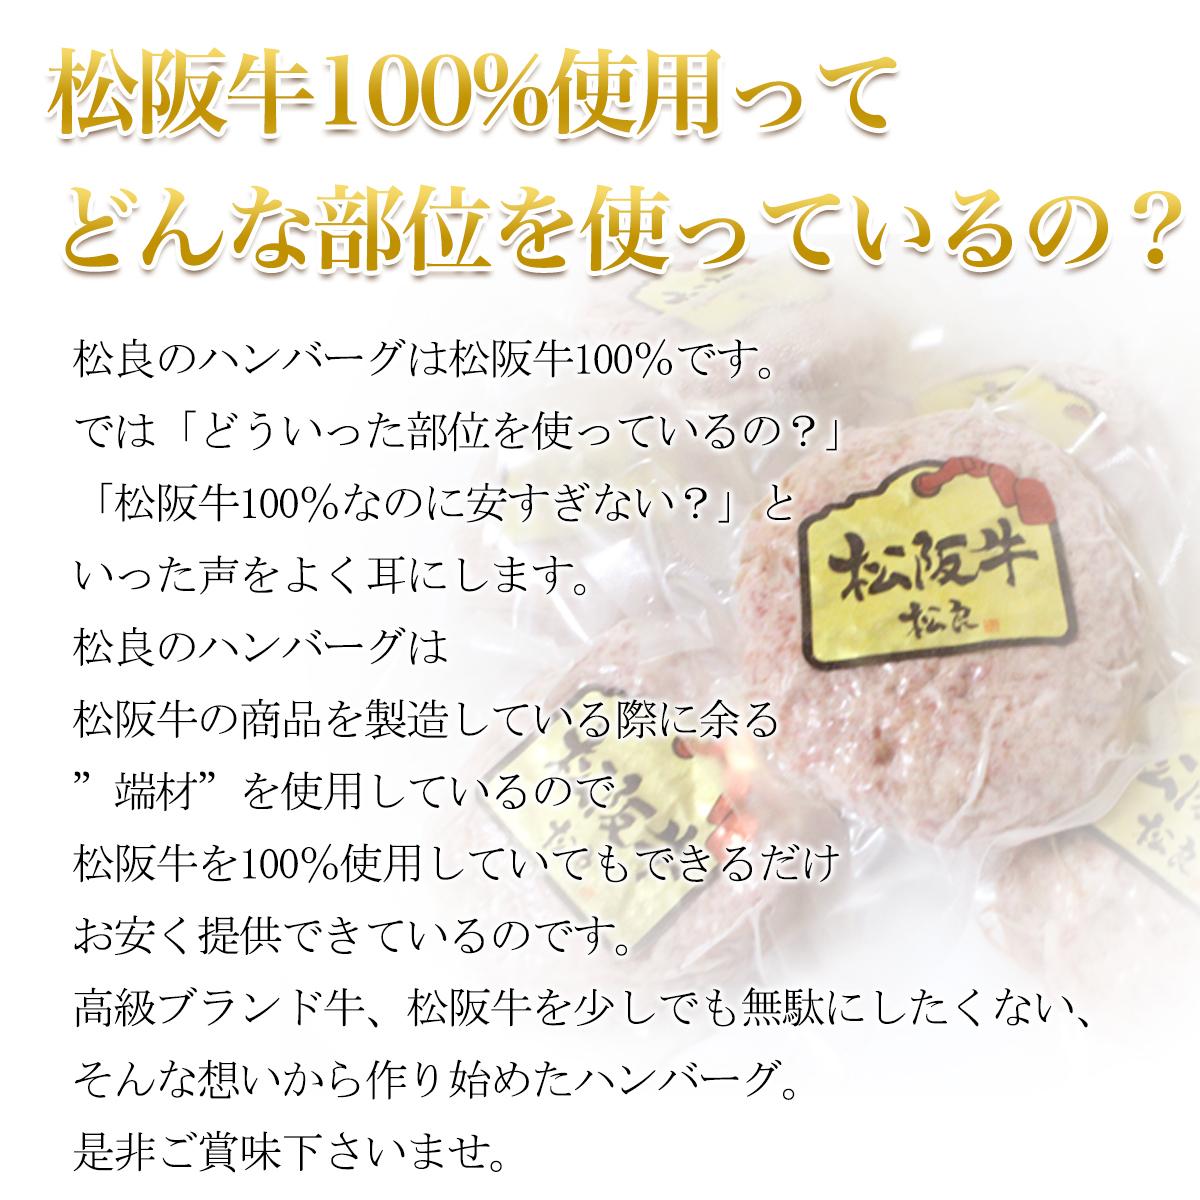 黄金の ハンバーグ!! 【桐箱入り】 松阪牛 100%  送料無料 お歳暮 ギフト 内祝い お返し 御歳暮 肉 内祝_画像3